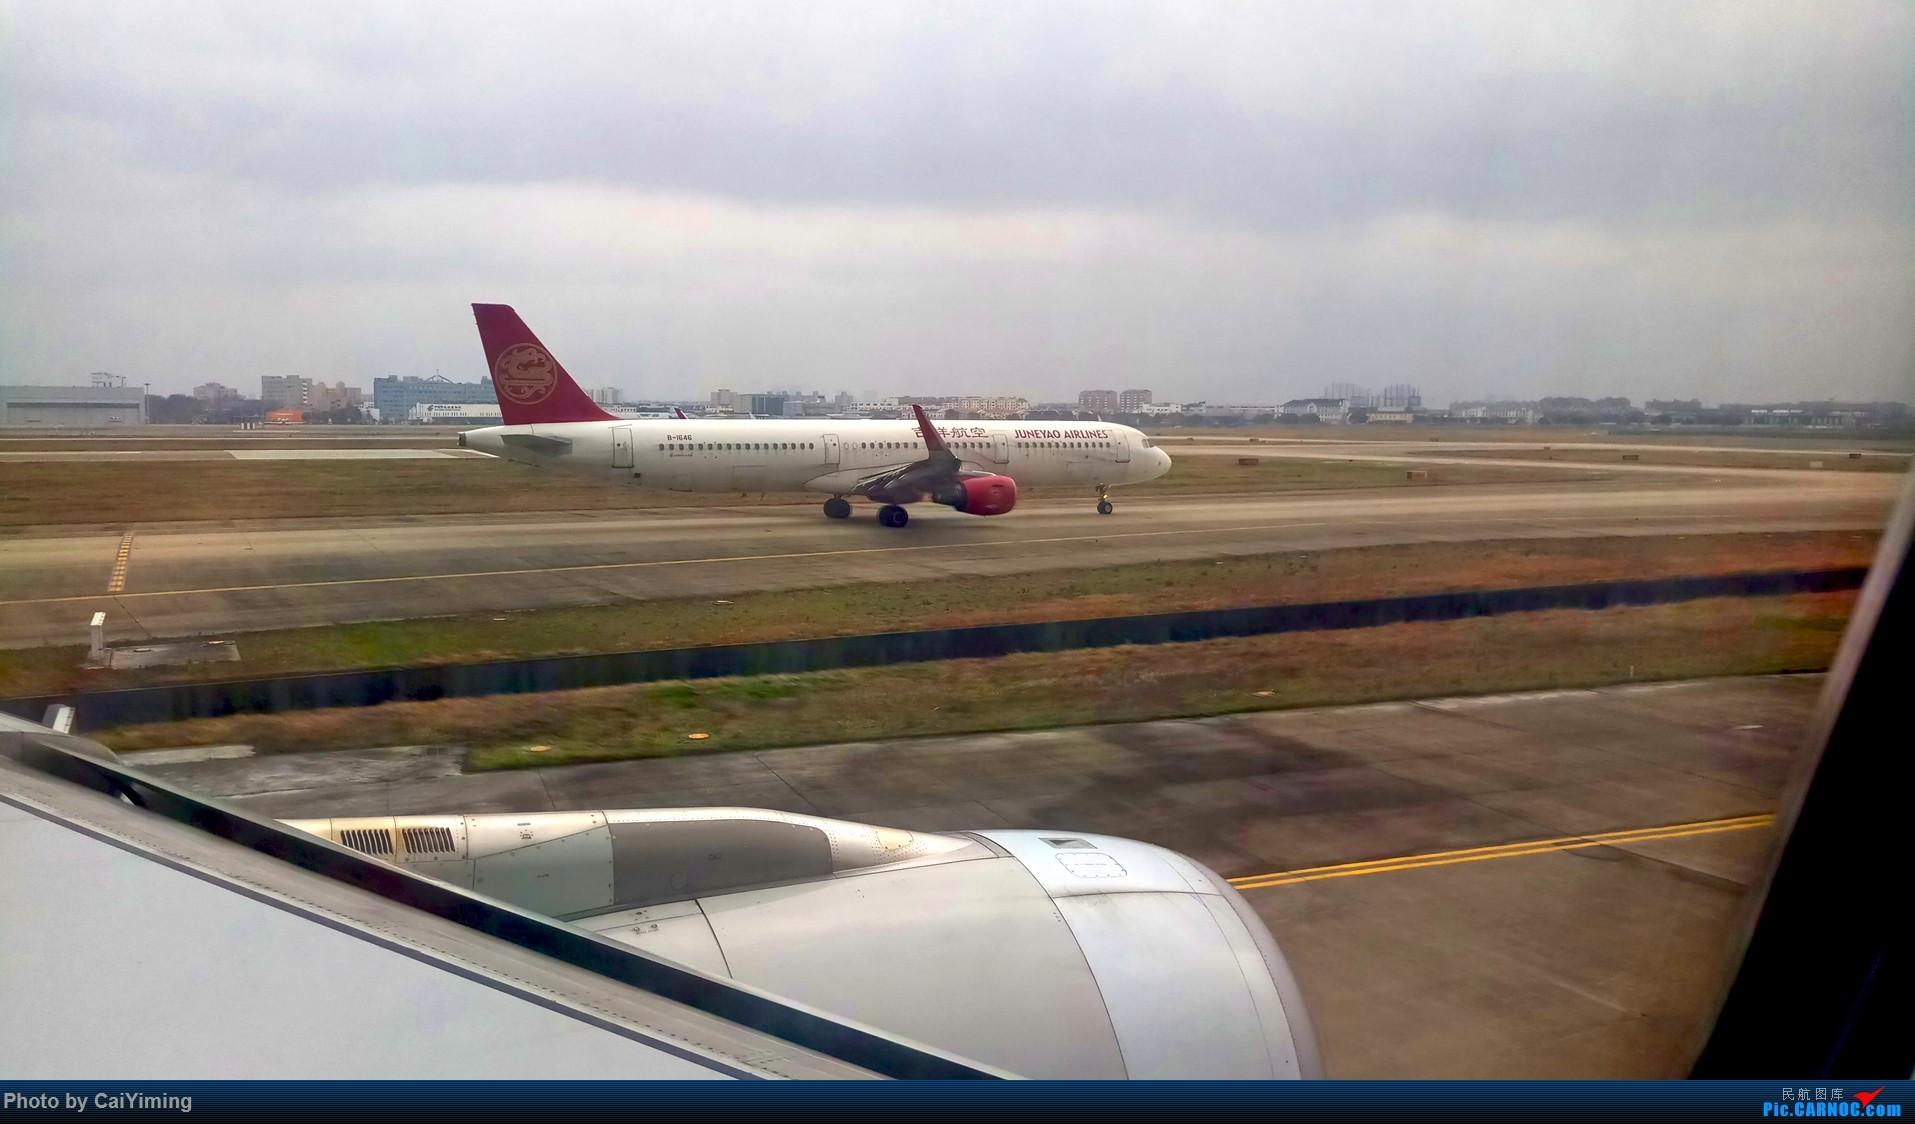 Re:[原创]【人在旅途】成都-浦东-虹桥-西安-南通-成都(3U+MU空客A359体验) AIRBUS A321-200 B-1646 中国上海虹桥国际机场